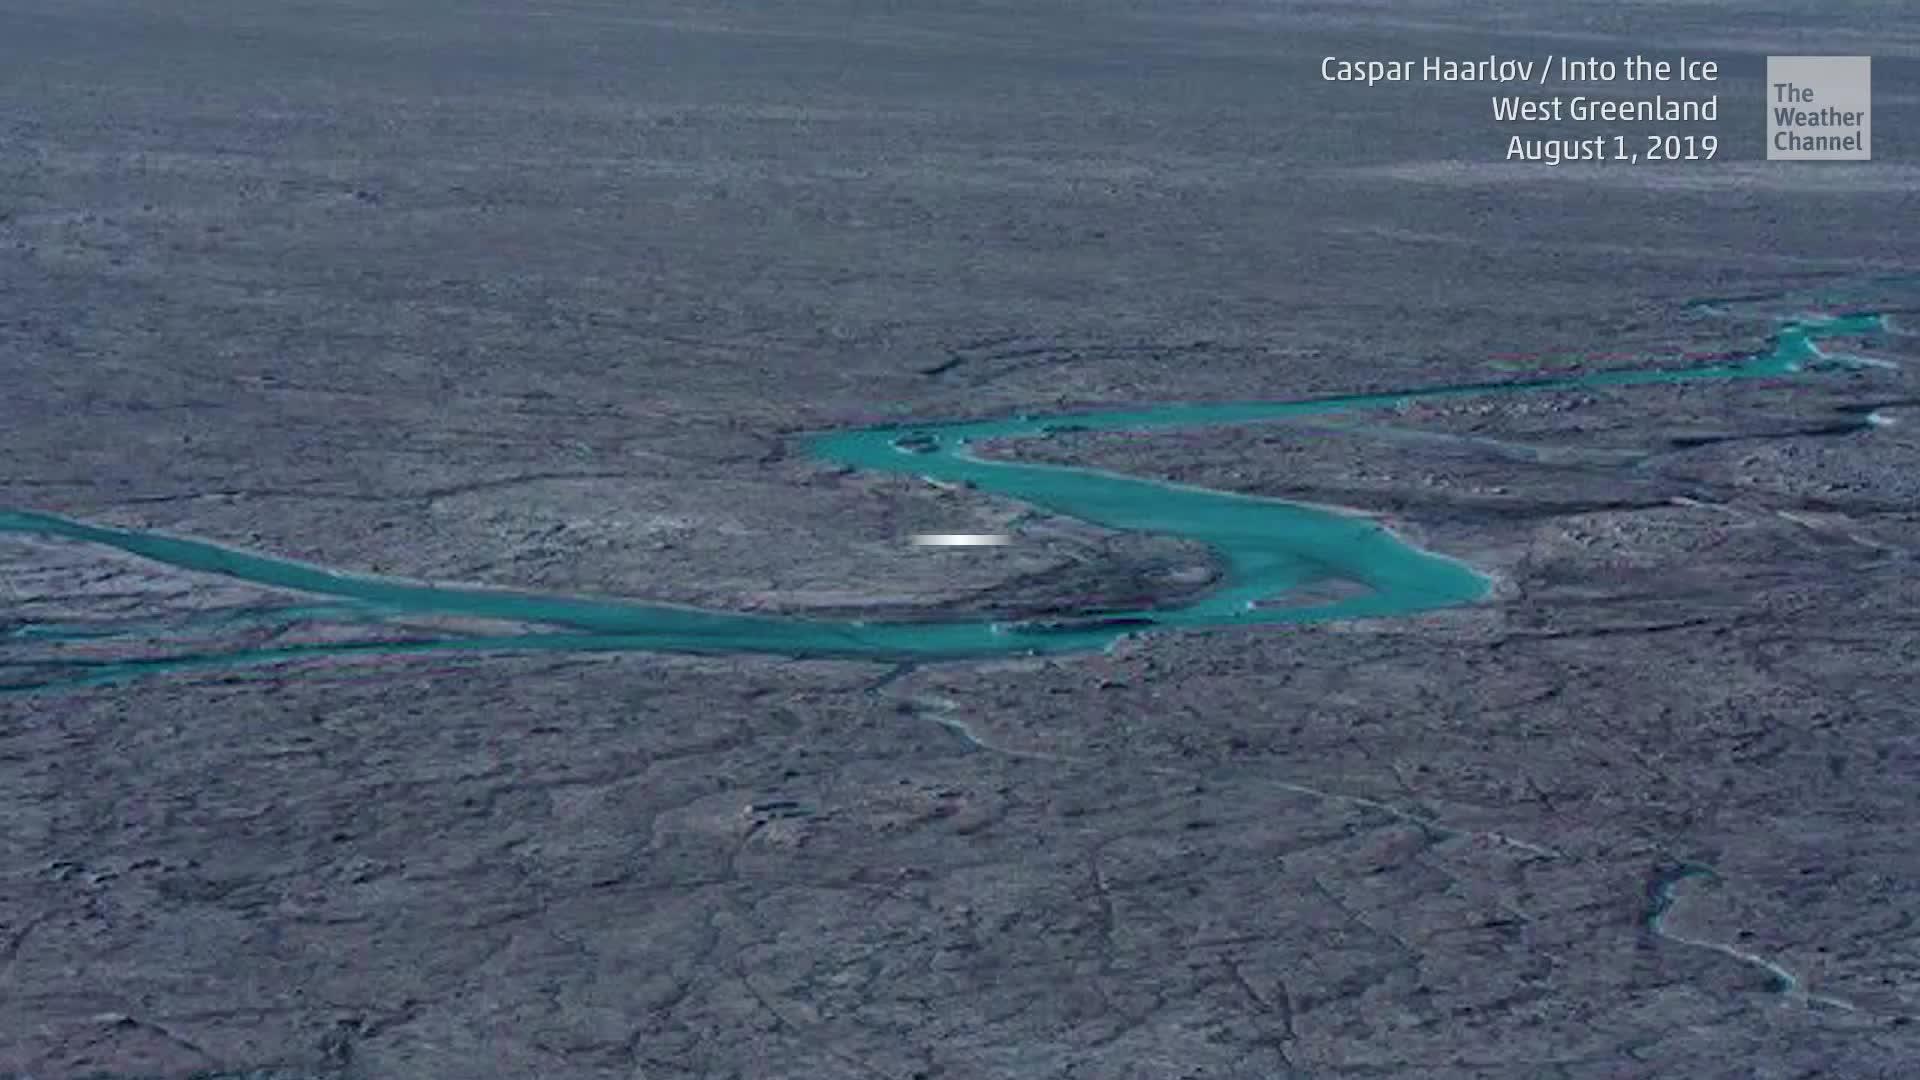 La capa de hielo de Groenlandia sufrió una pérdida asombrosa este mes.